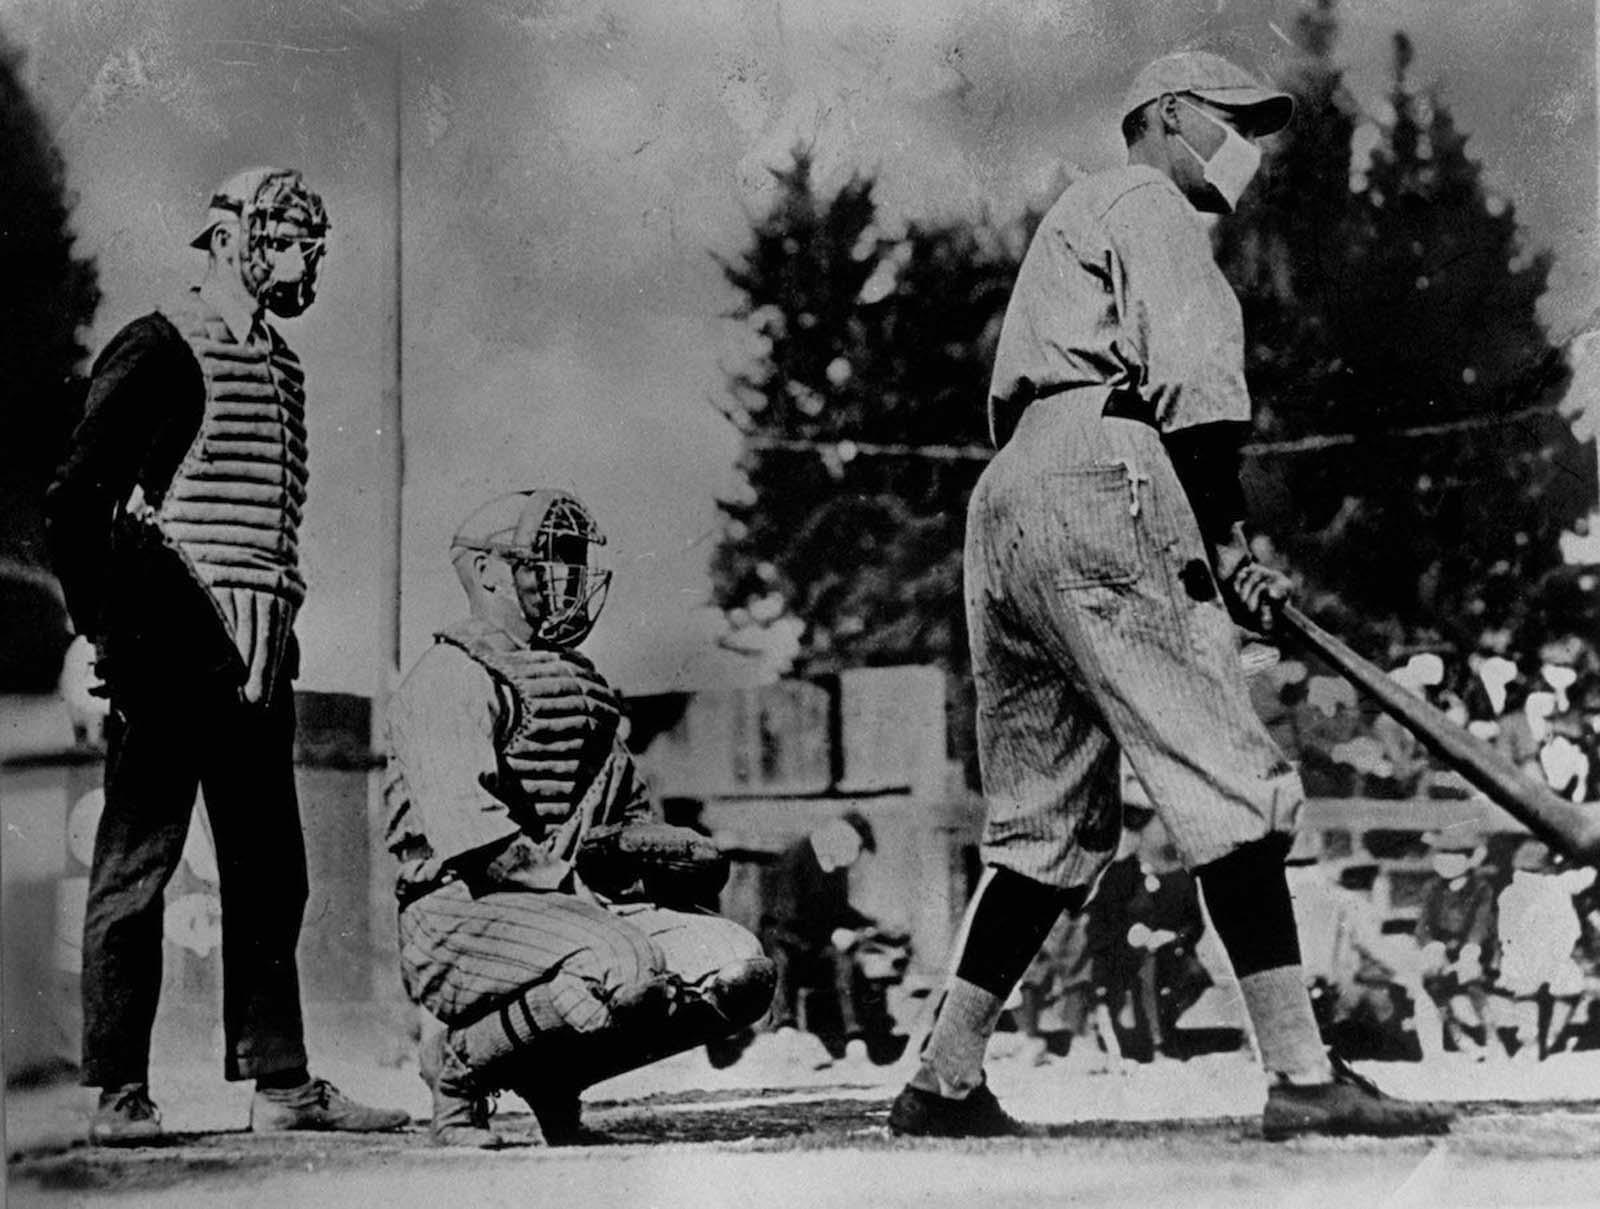 Jogadores de beisebol não identificados, um rebatendo e outro pegando, além de um árbitro atrás do prato, usam máscaras contra a gripe.  1918